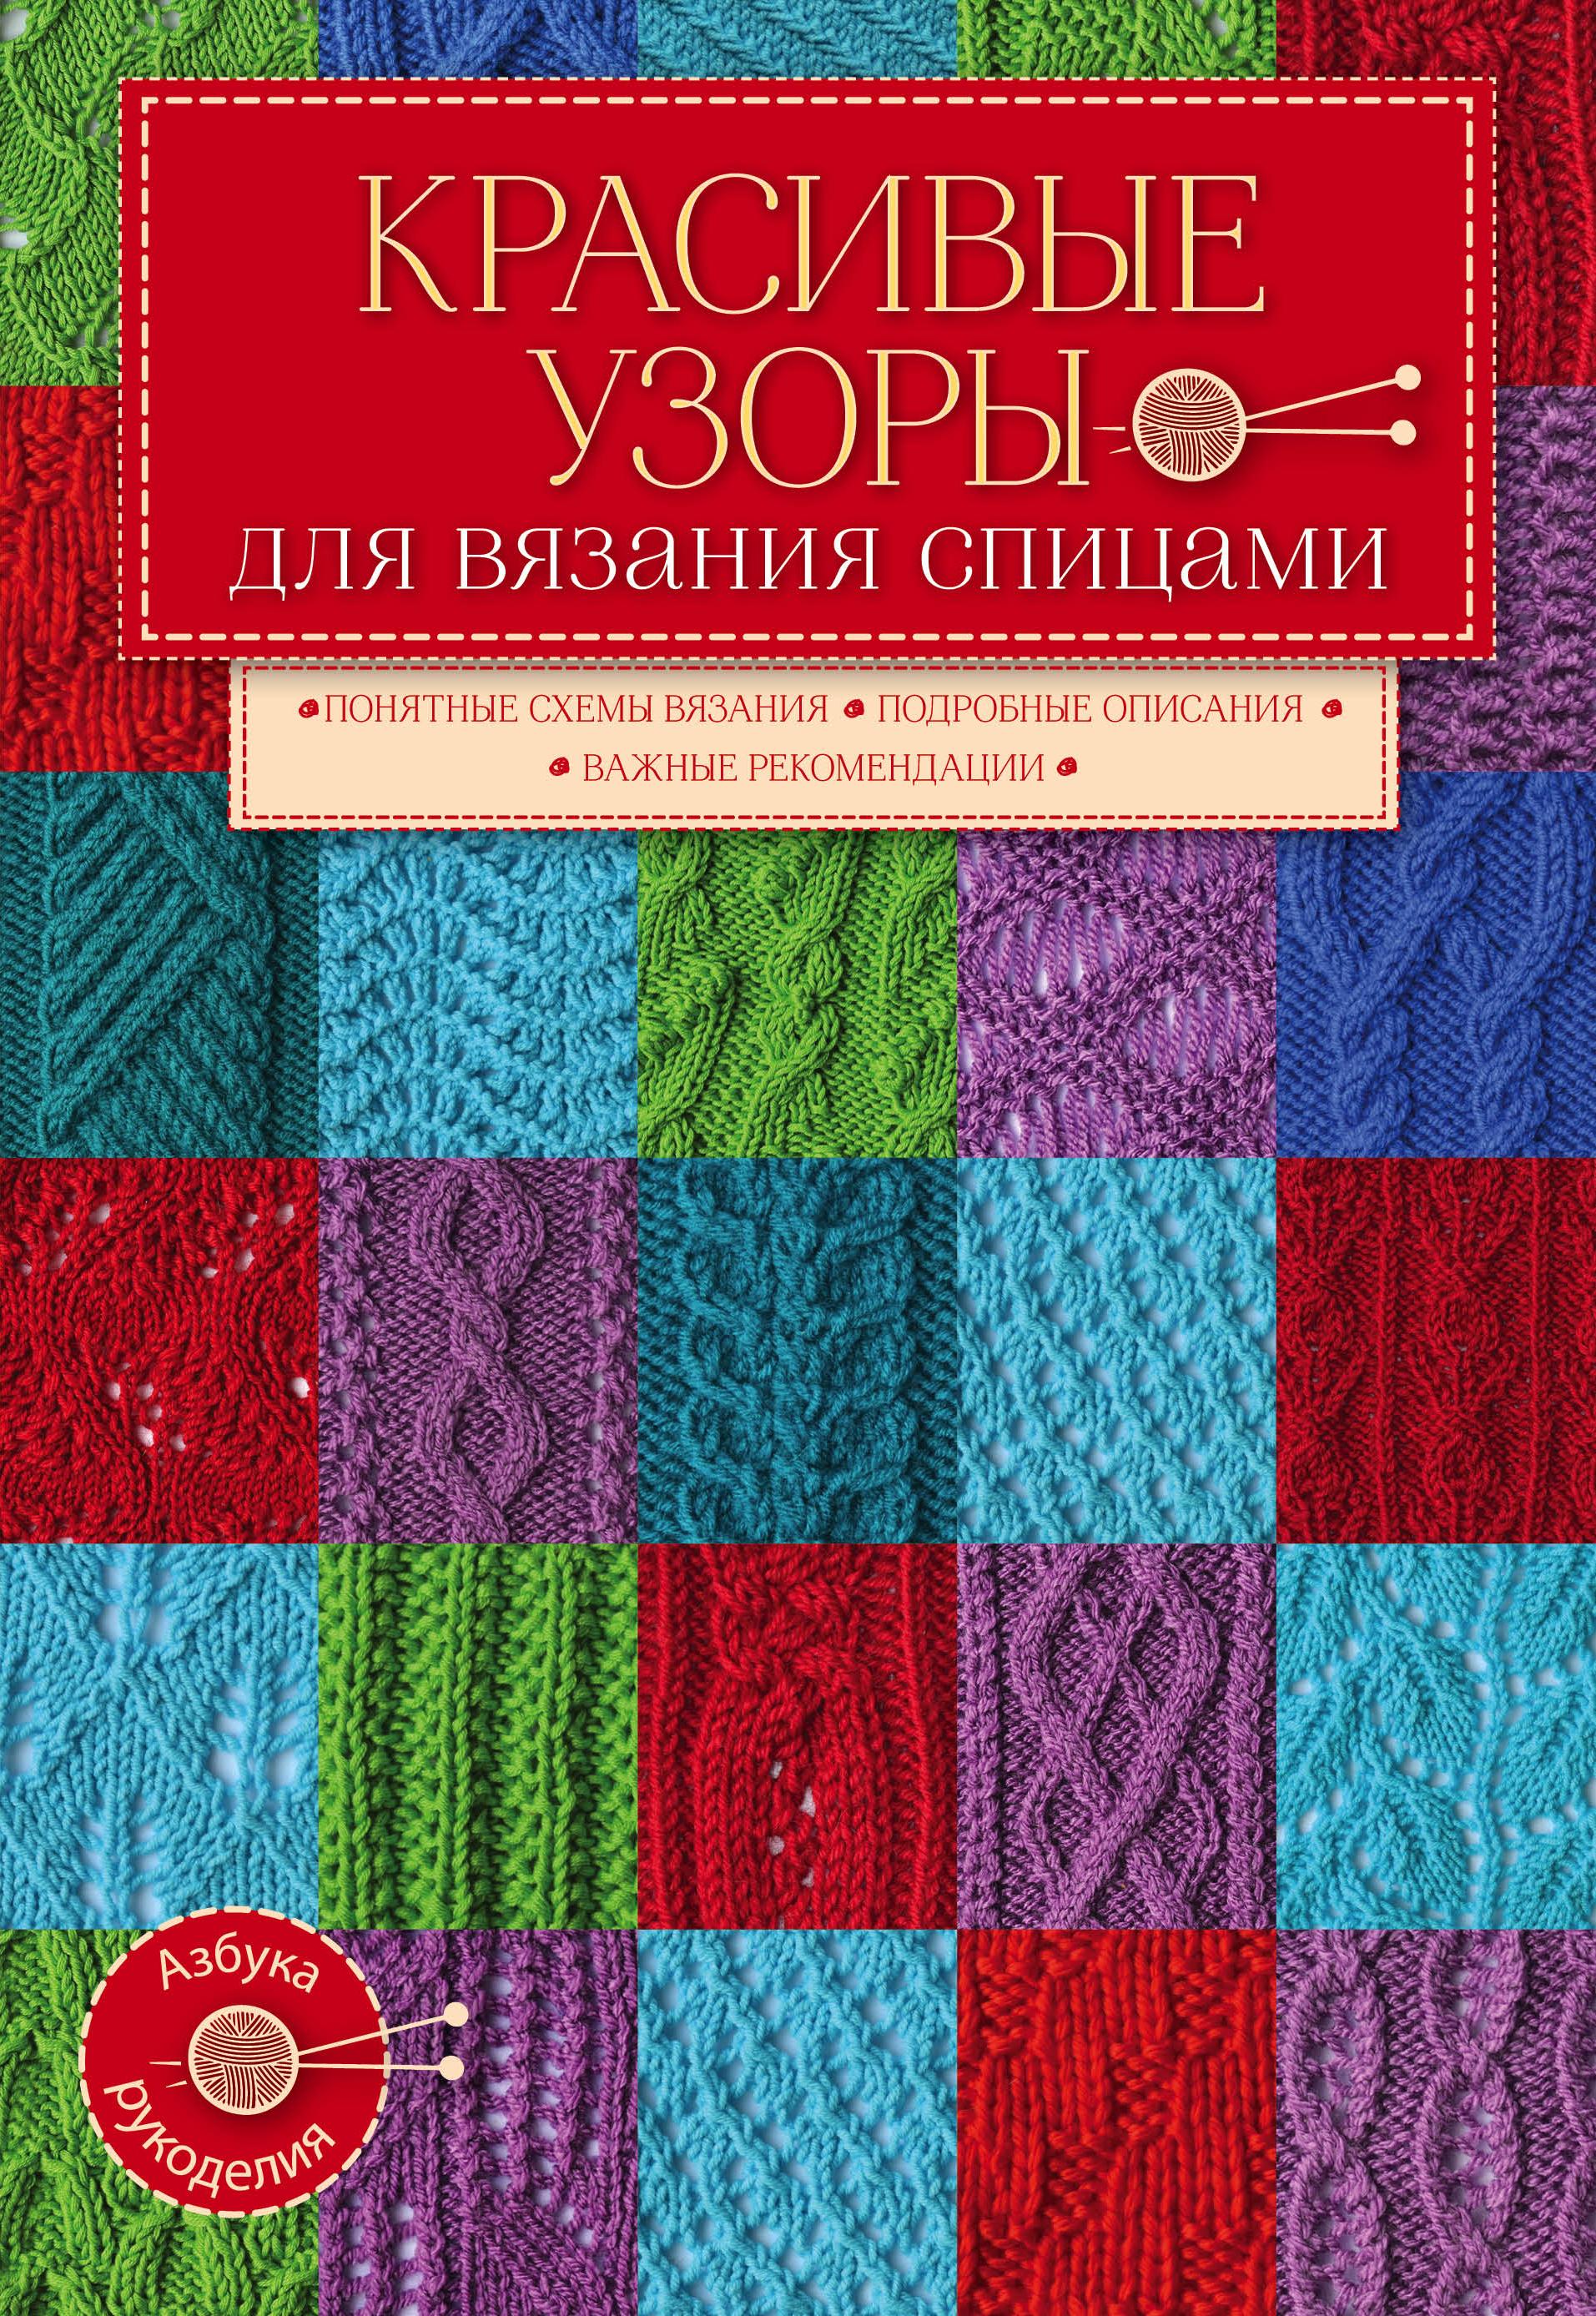 максимова азбука вязания Fb2 скачат схемы вязания спицами и